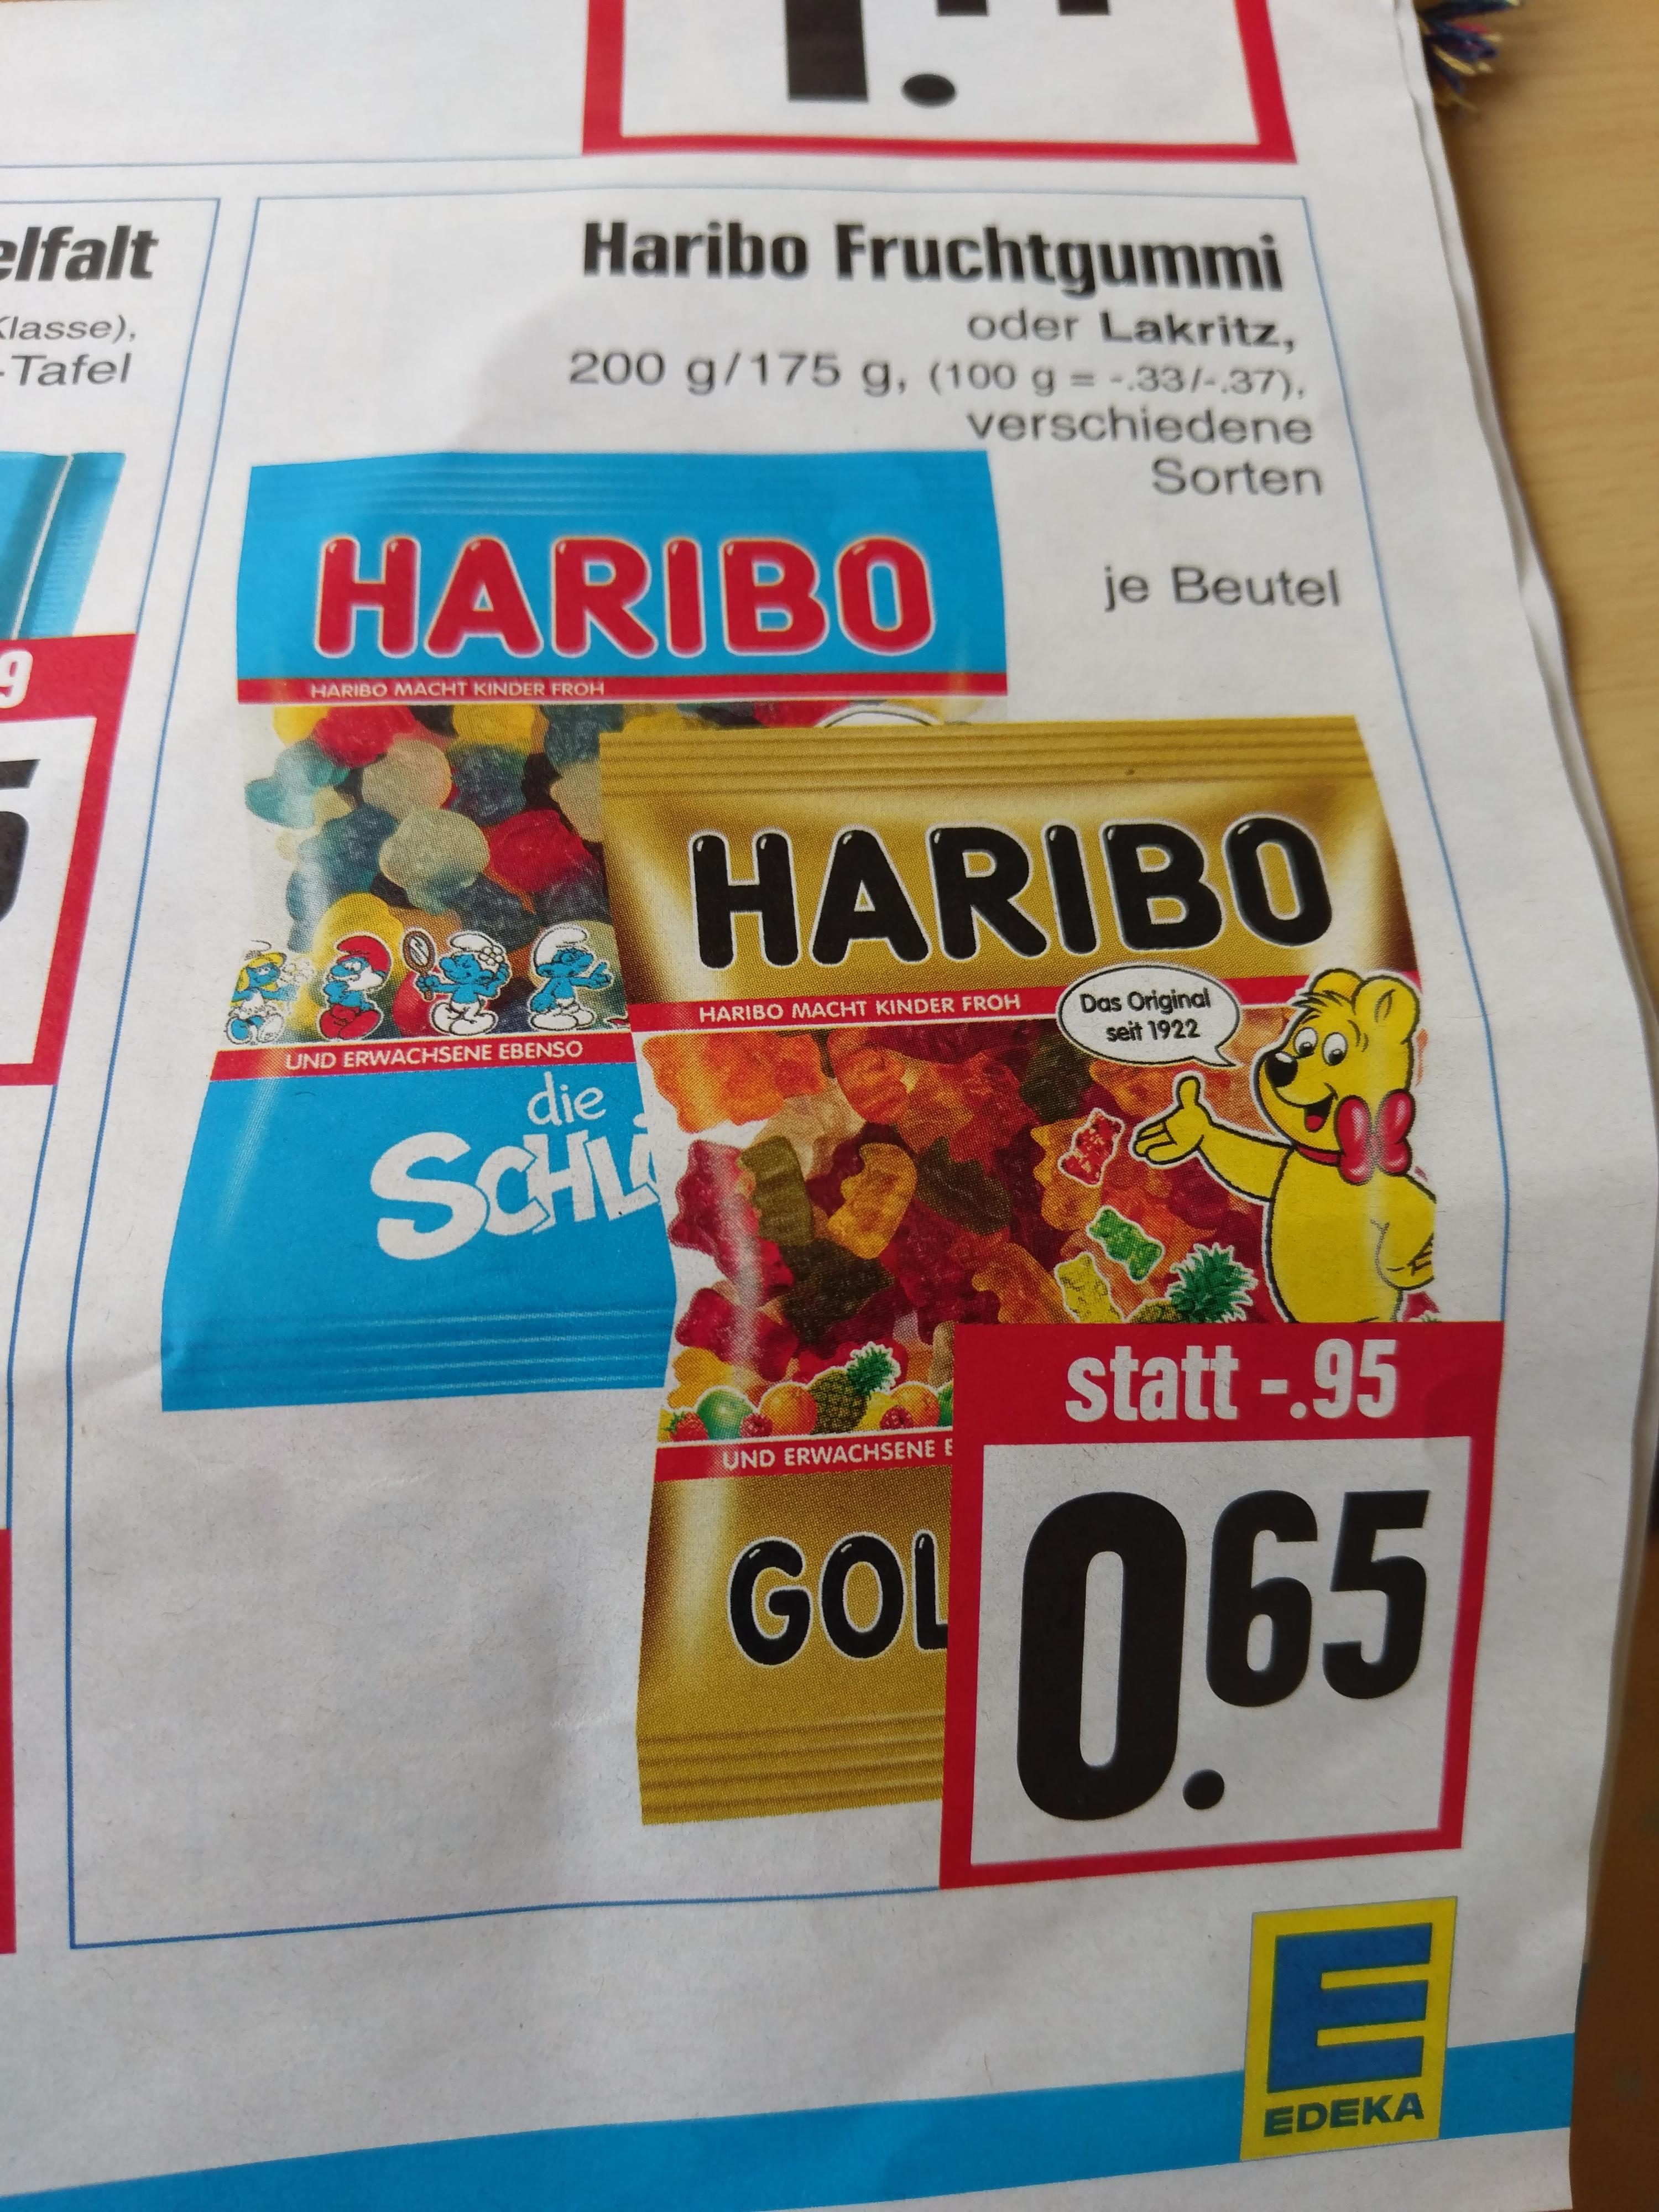 Haribo Fruchtgummi (diverse Sorten) für je 0,65 Euro @ Edeka Hessenring (27.03.2017-01.04.2017)